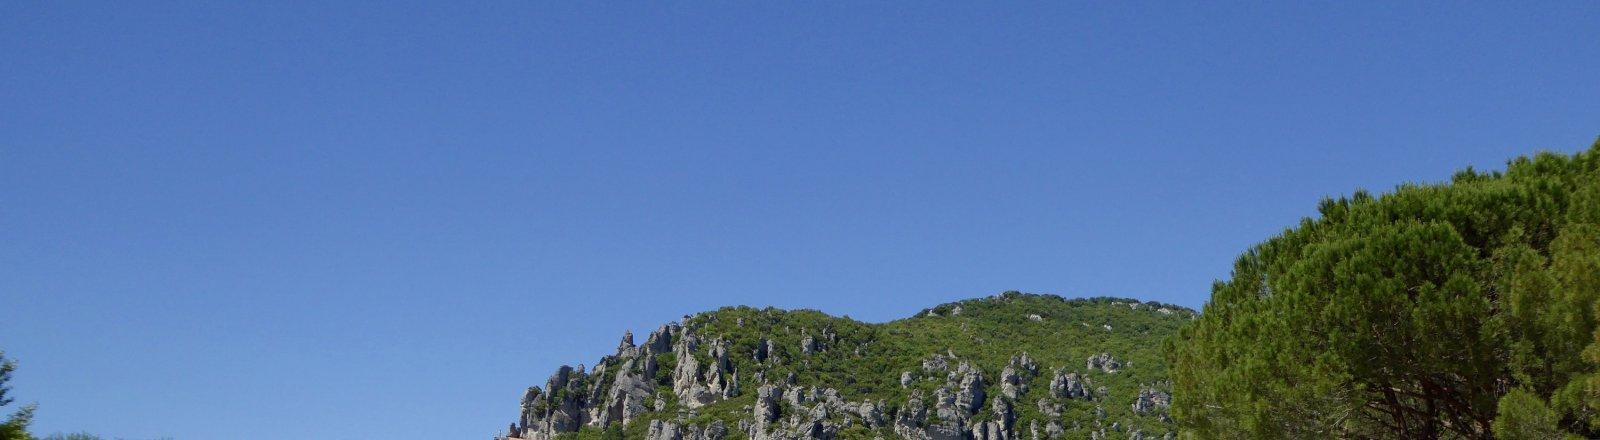 Auberge du Val Mourèze © Aubereg du Val Mourèze